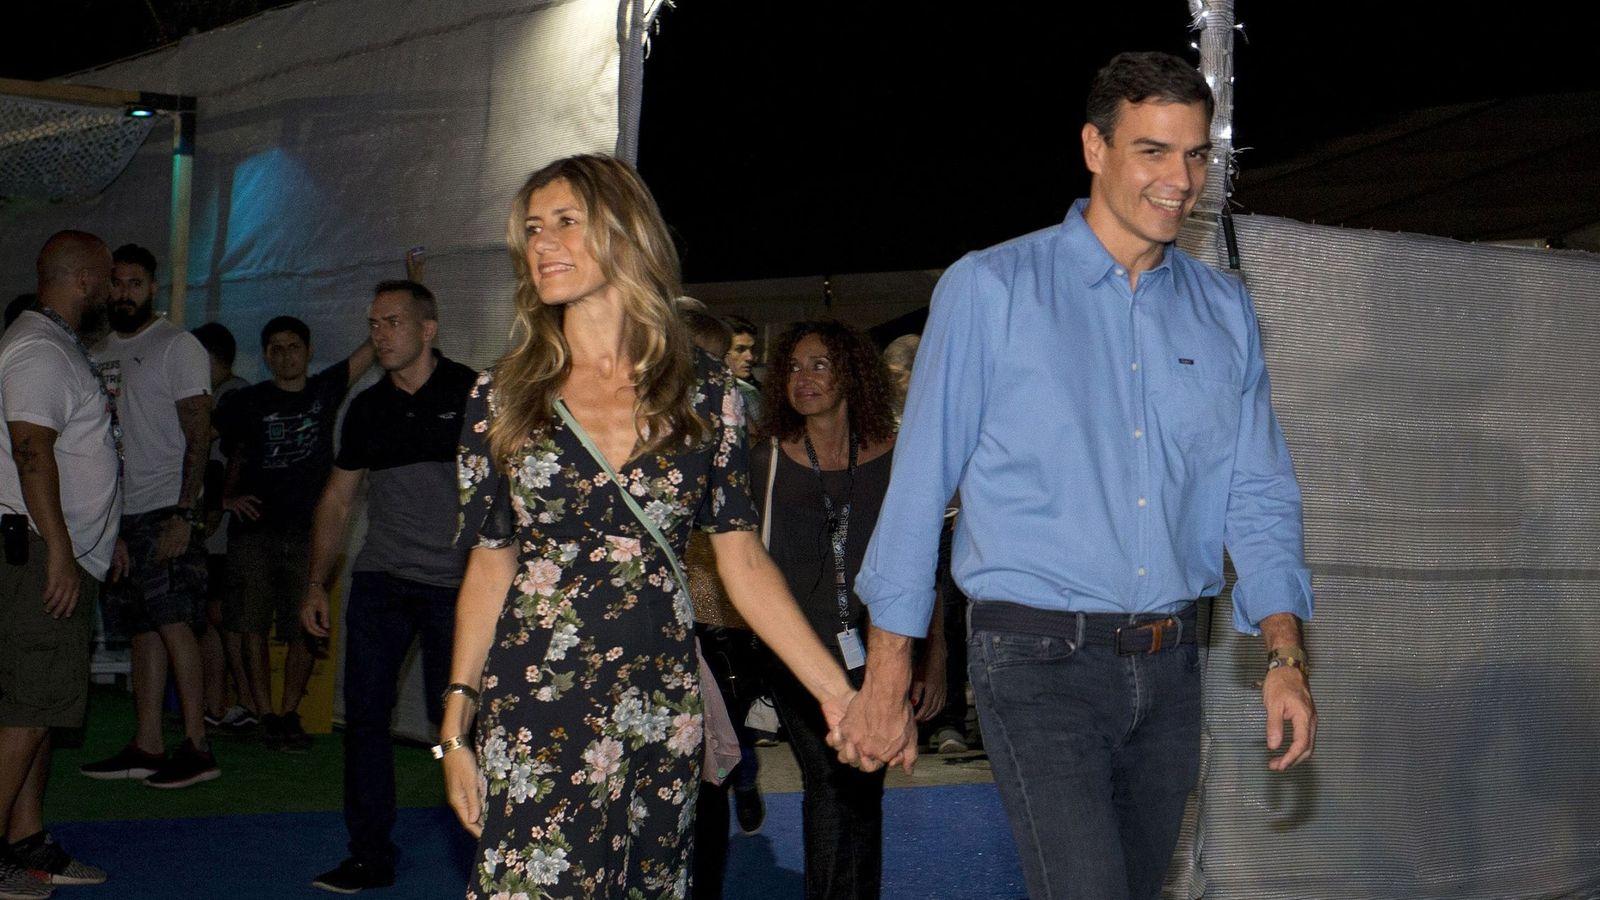 Foto: Pedro Sánchez y su mujer, Begoña Gómez, llegan al Festival de Benicàssim. (EFE)